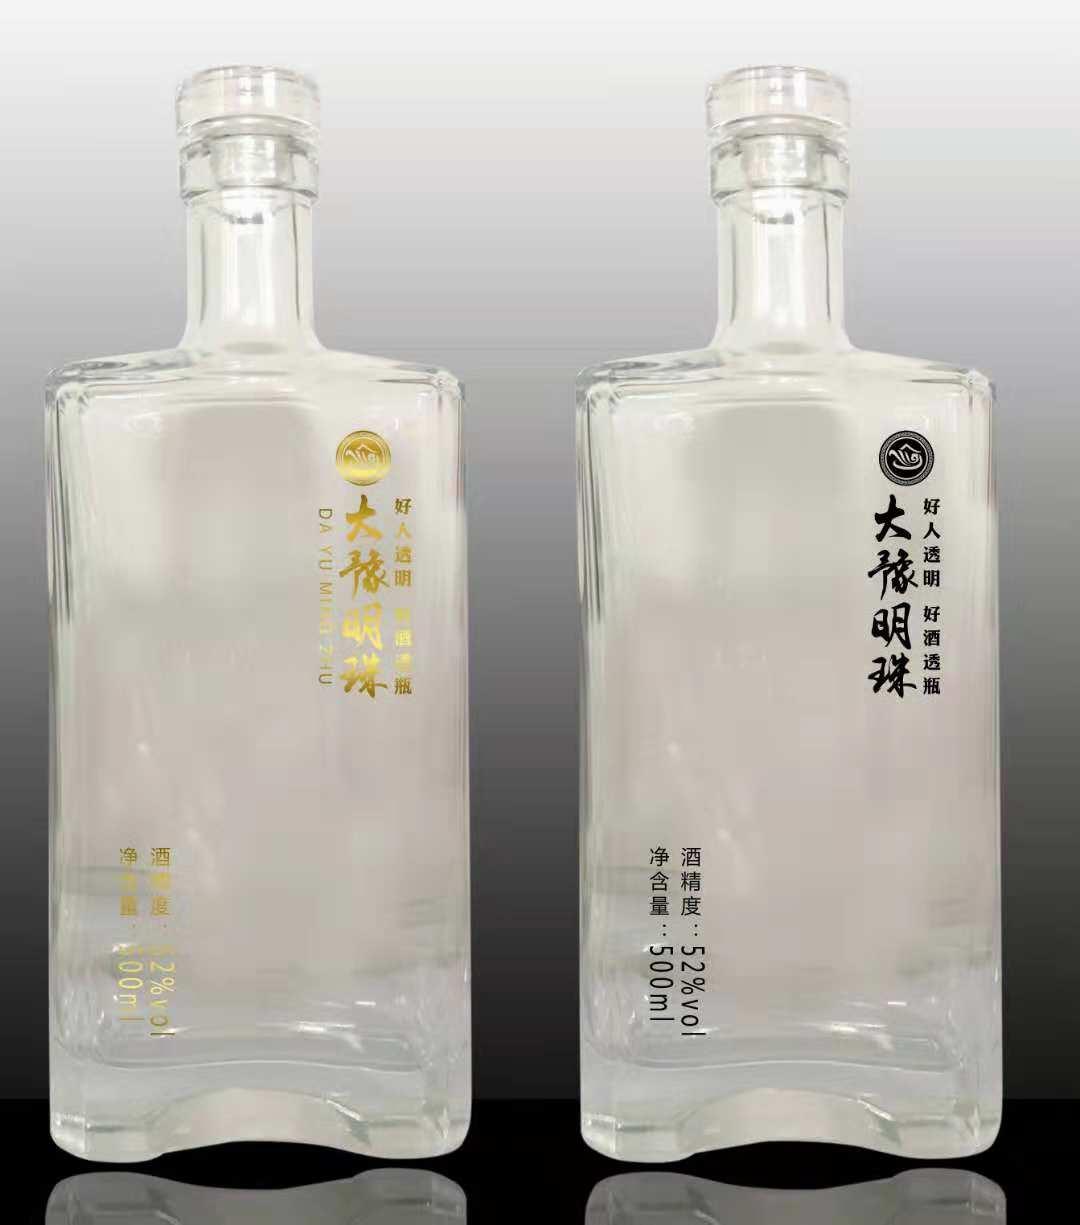 遼寧高端白酒公司_尚成酒業-聲譽好的高端白酒廠家